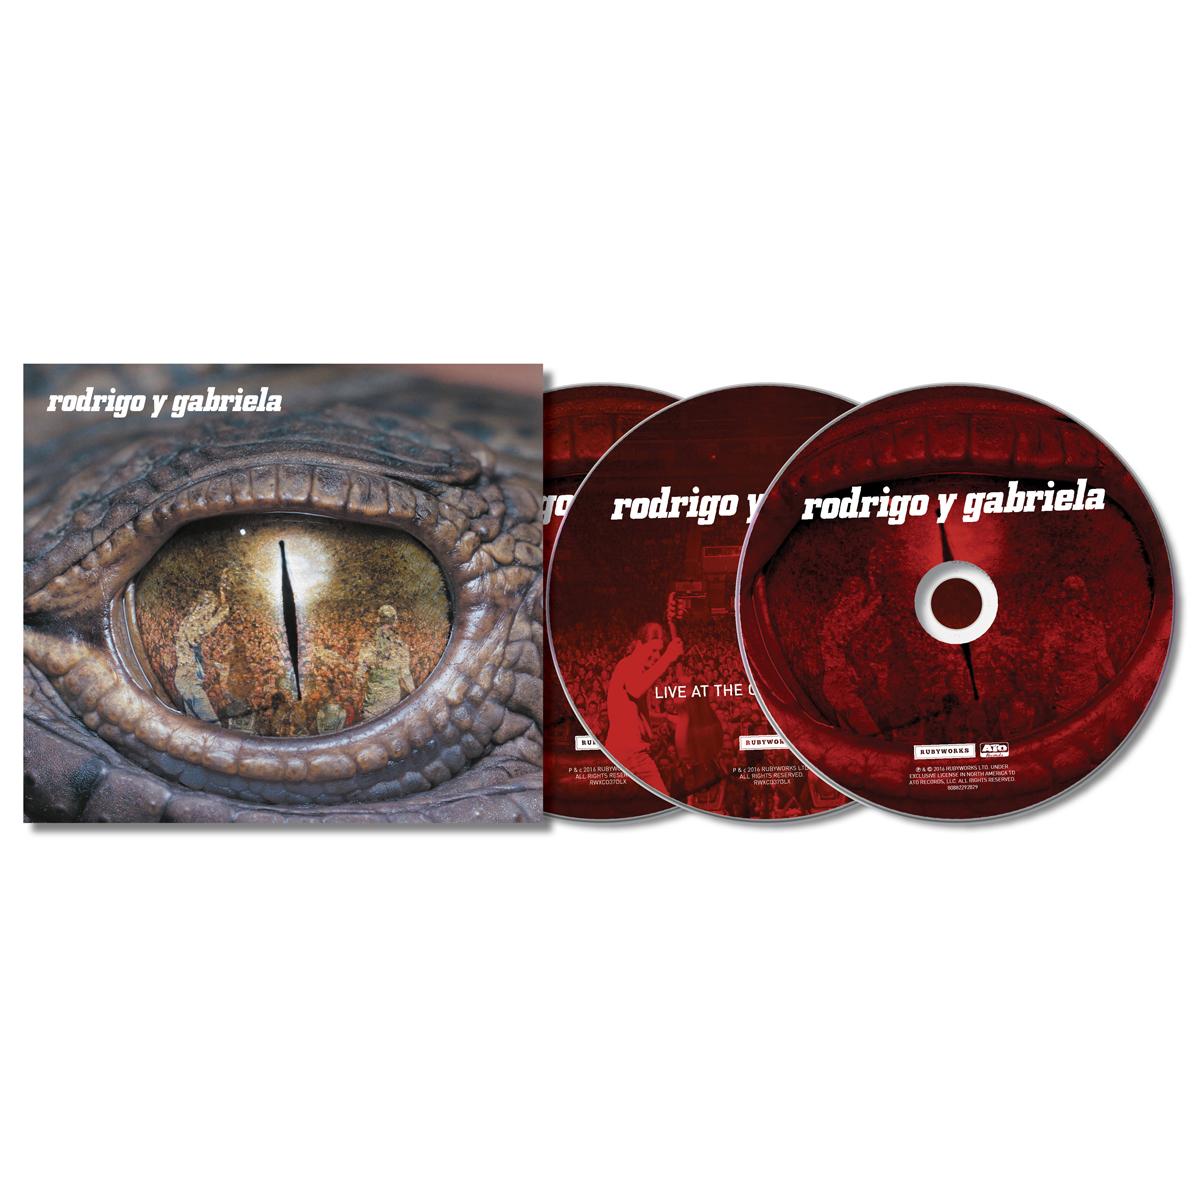 Rodrigo y Gabriela (Deluxe Edition) 2CD + Live DVD